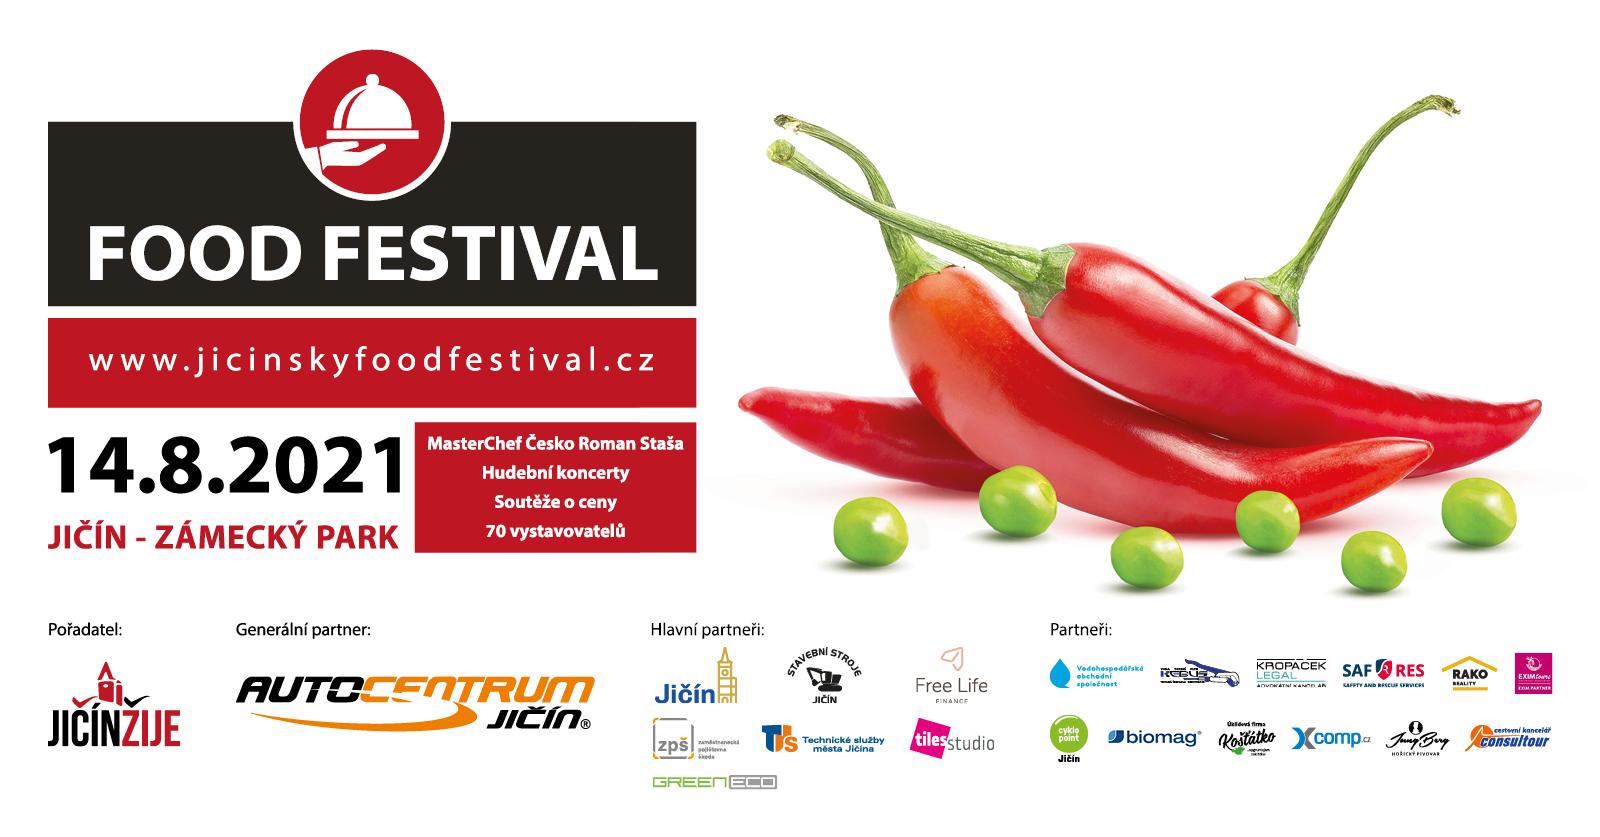 Jičínský Food Festival - 14.8.2021